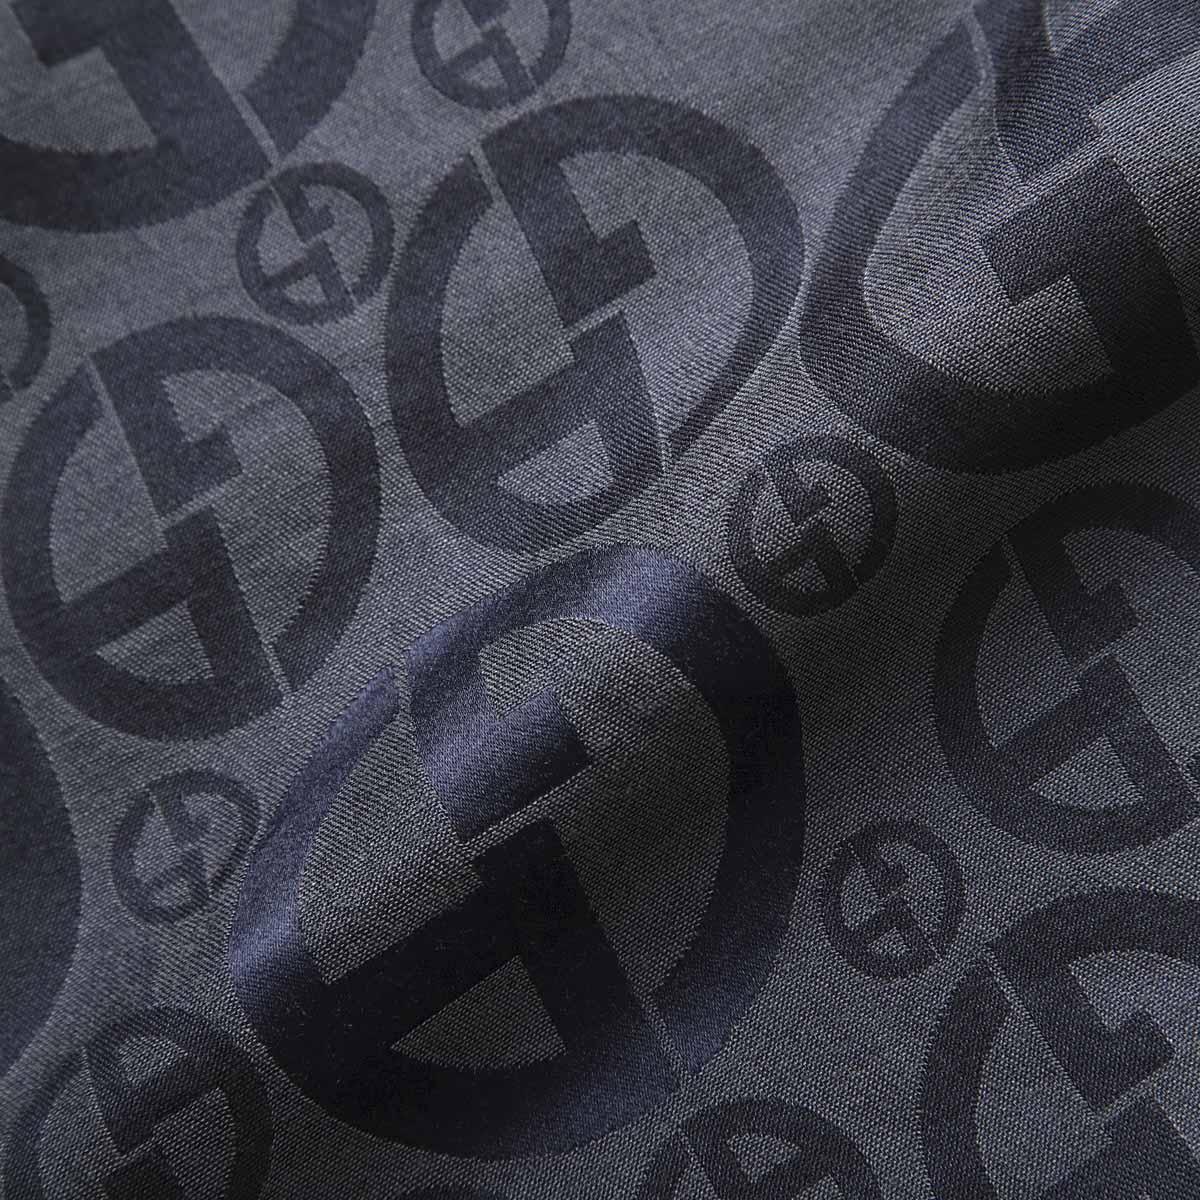 【タイムセール ACCS】GIORGIO ARMANI ジョルジオアルマーニ ストール メンズ